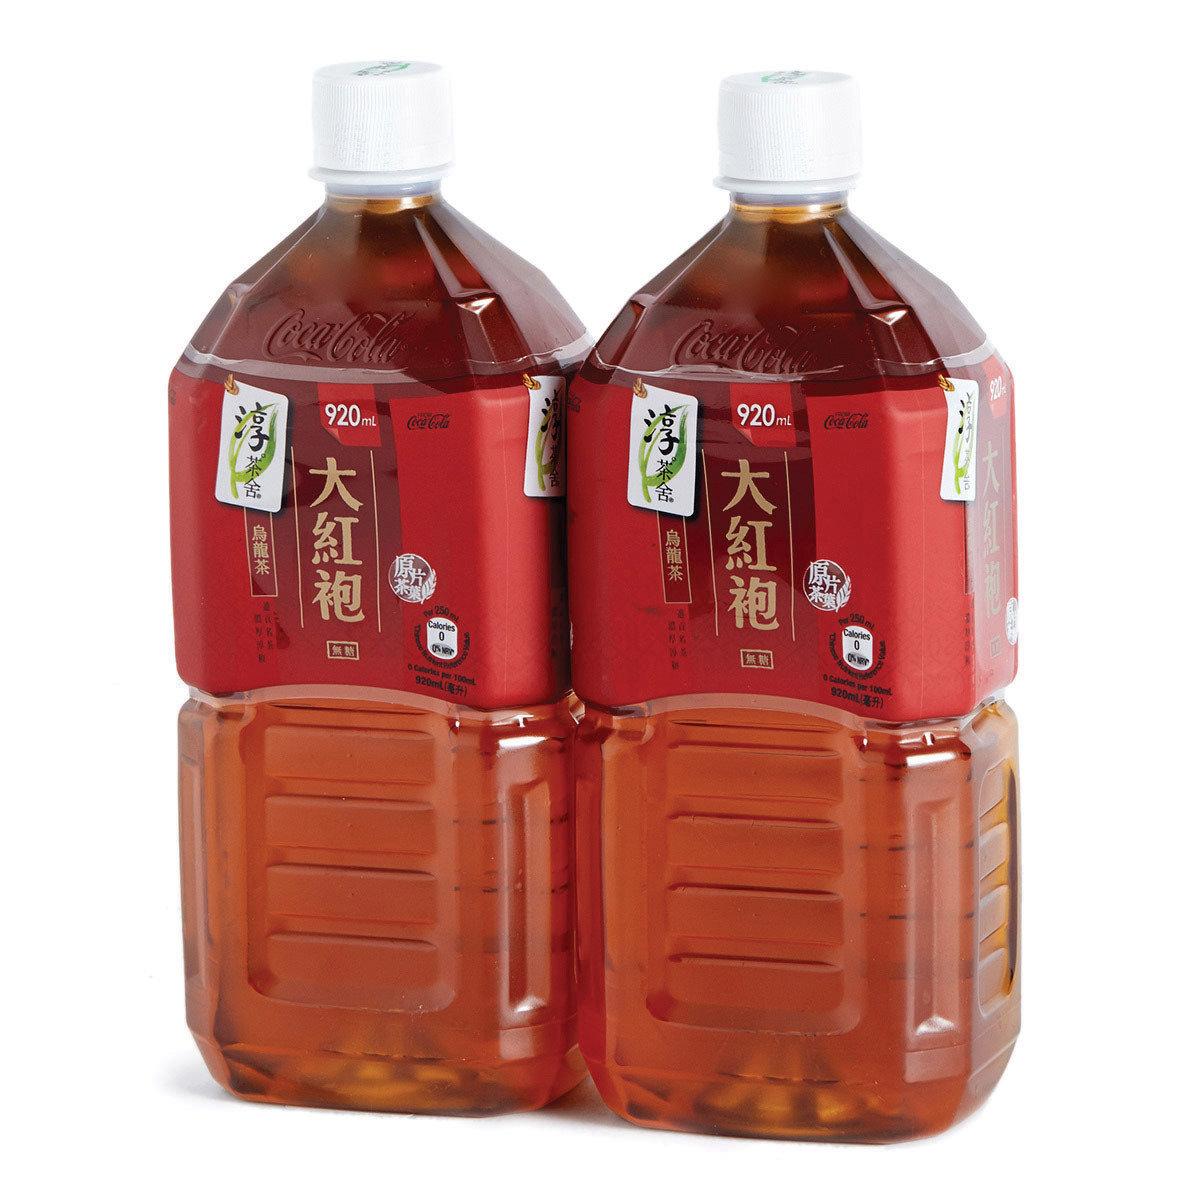 大紅袍烏龍茶(無糖)膠樽裝